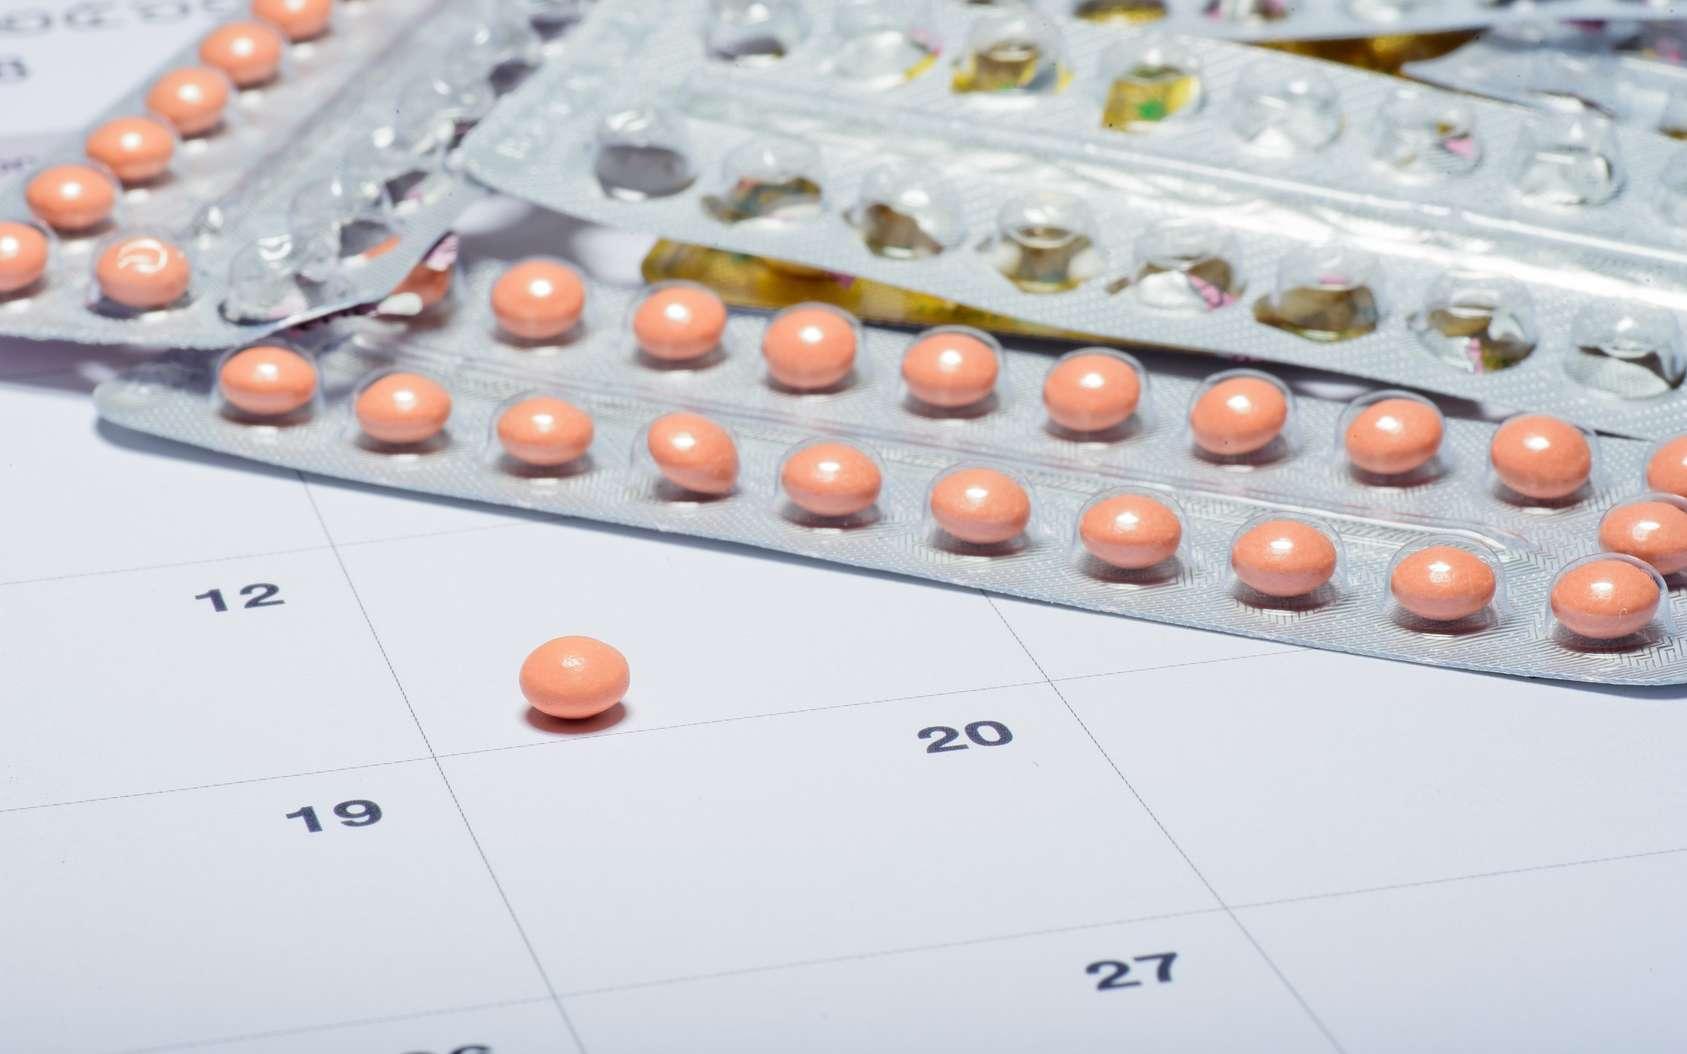 La pilule contraceptive est délivrée sur ordonnance médicale. © Waranyu, Fotolia